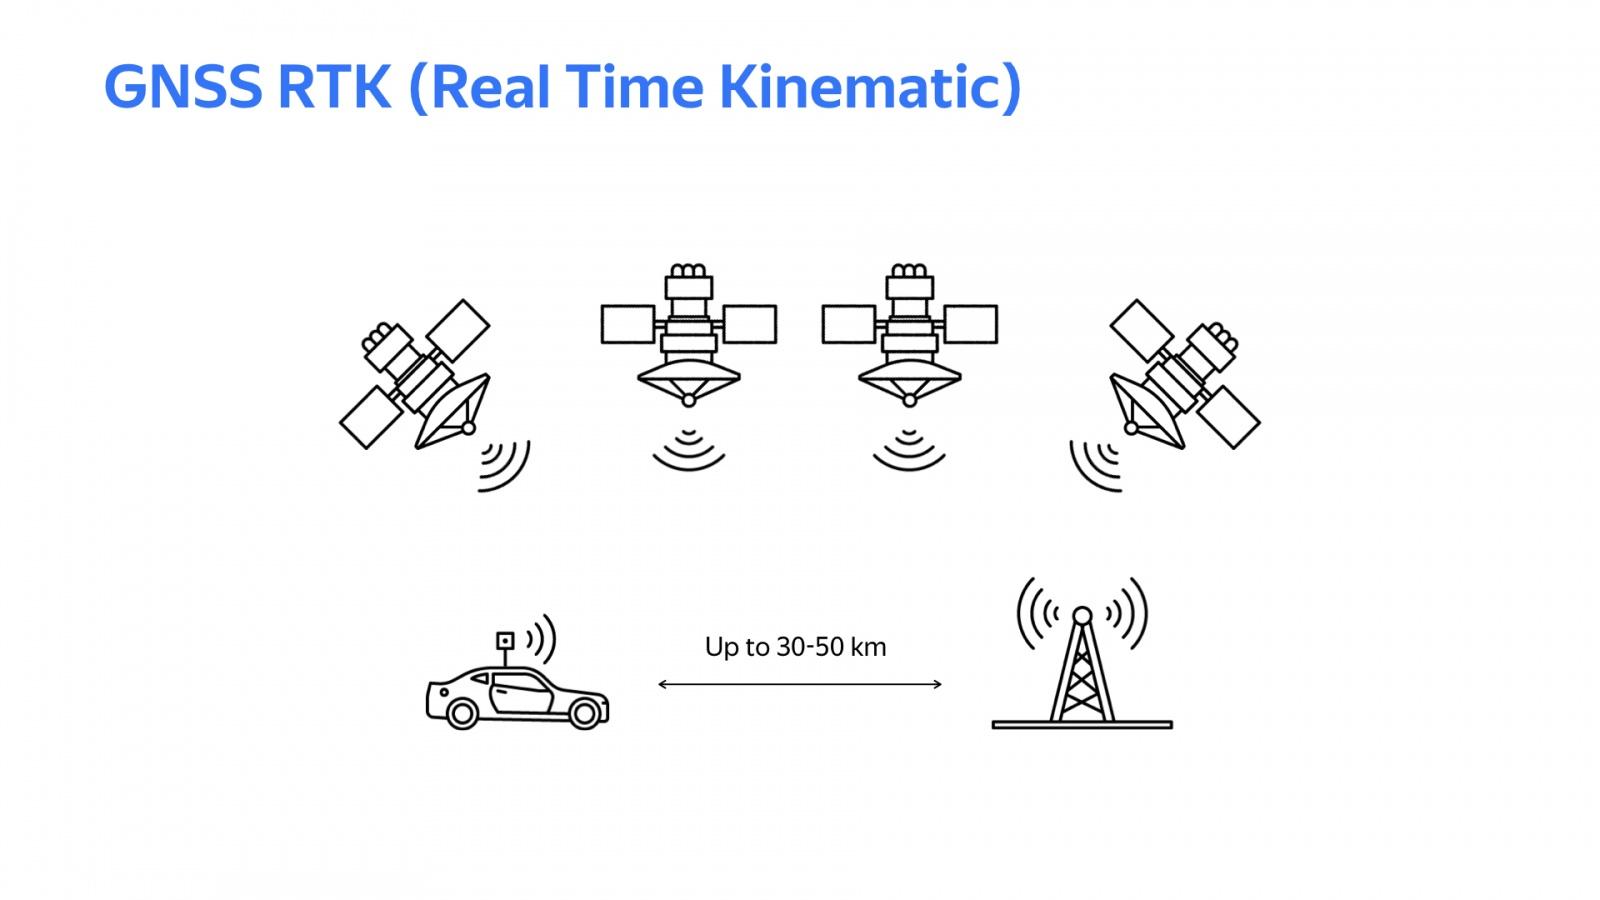 Беспилотный автомобиль: оживляем алгоритмы. Доклад Яндекса - 11